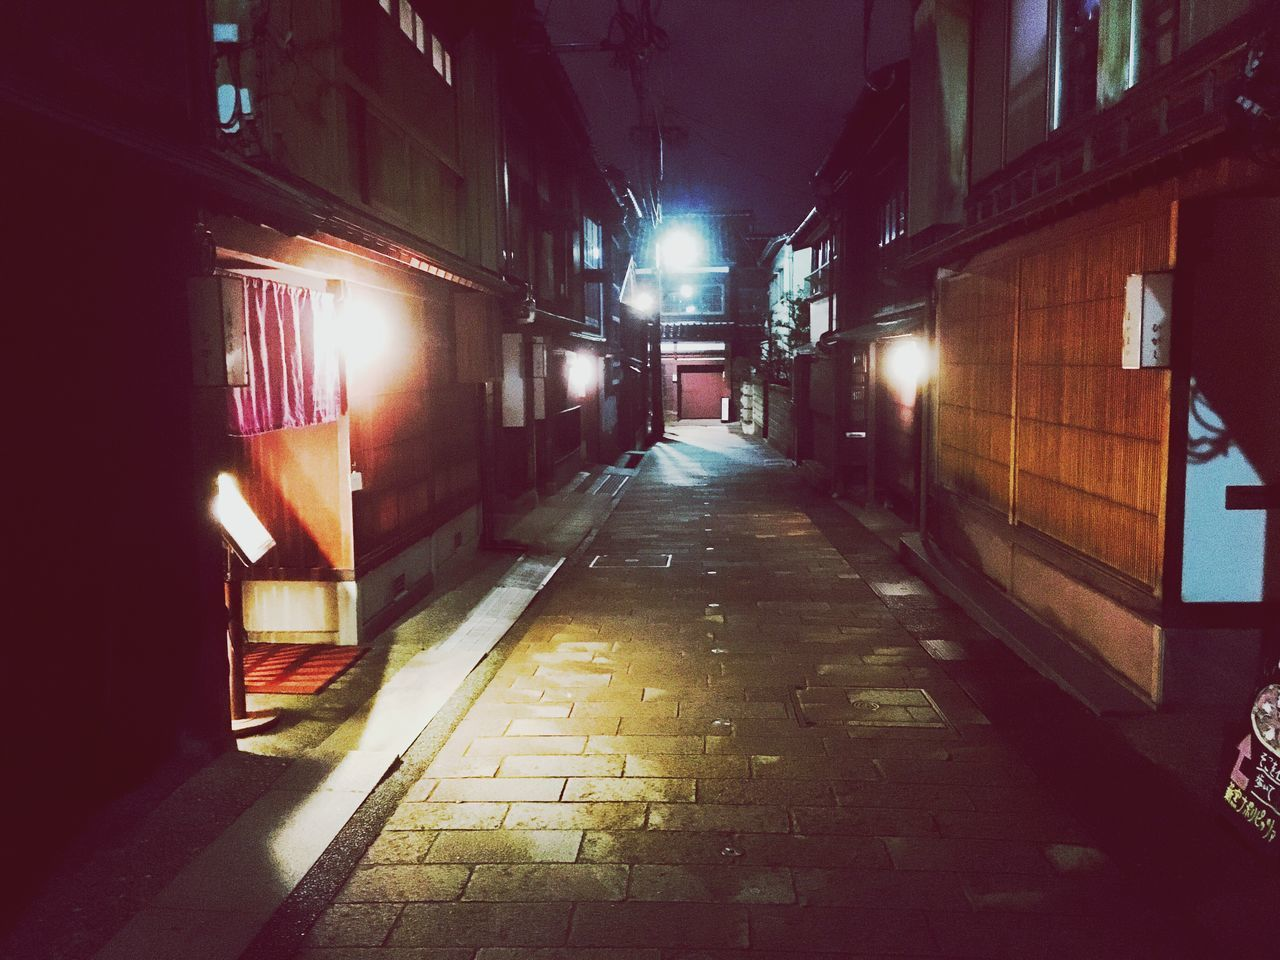 Illuminated Night Architecture Built Structure Kanazawa,japan Higashichayagai The City Light